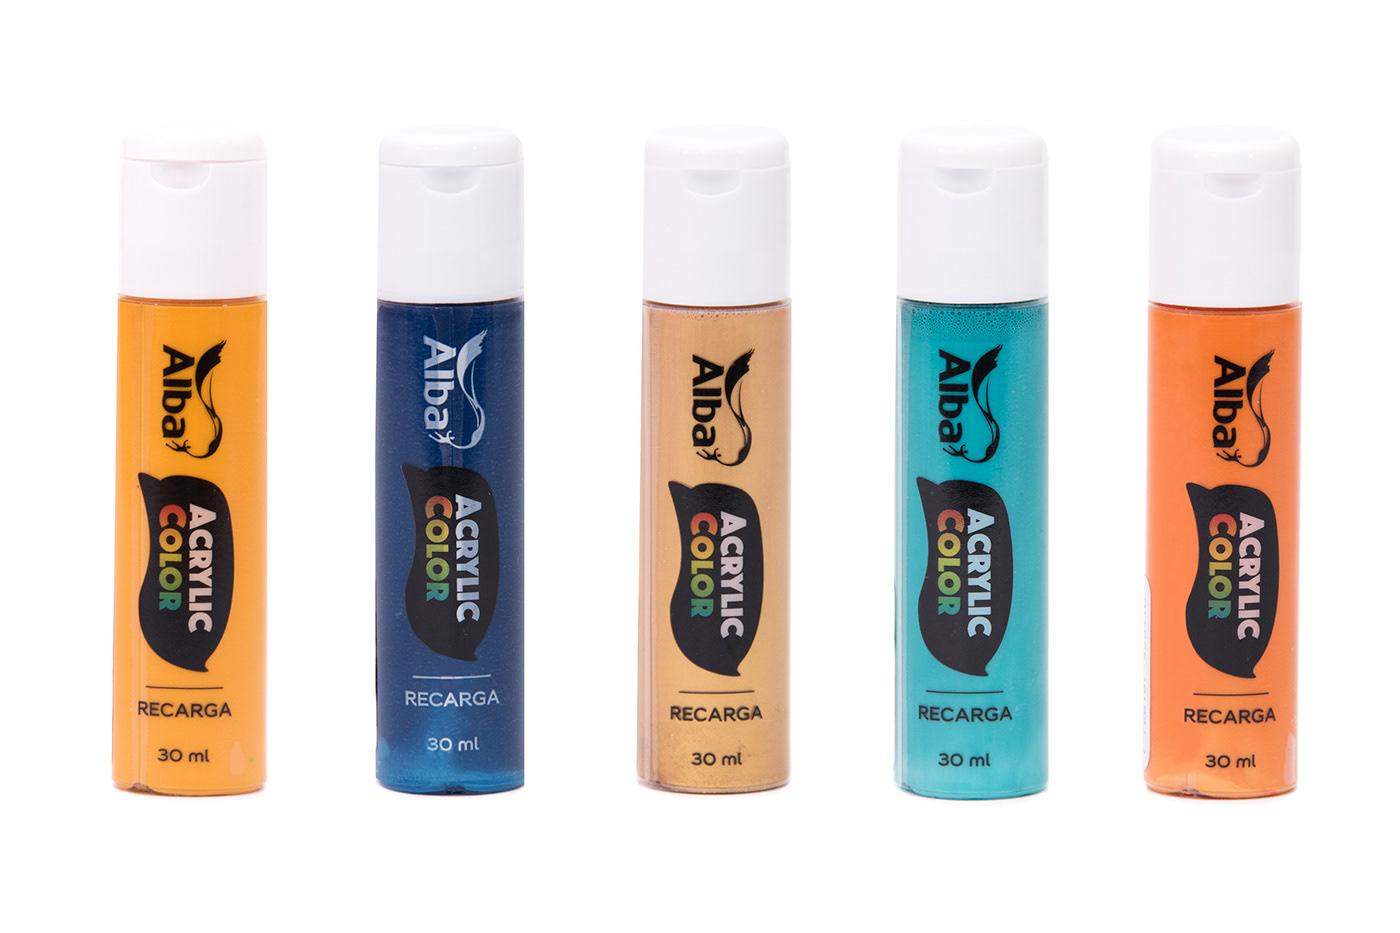 artistas Drawing  Fotografía de producto paint painting   Photography  pintura Product Photography product video video